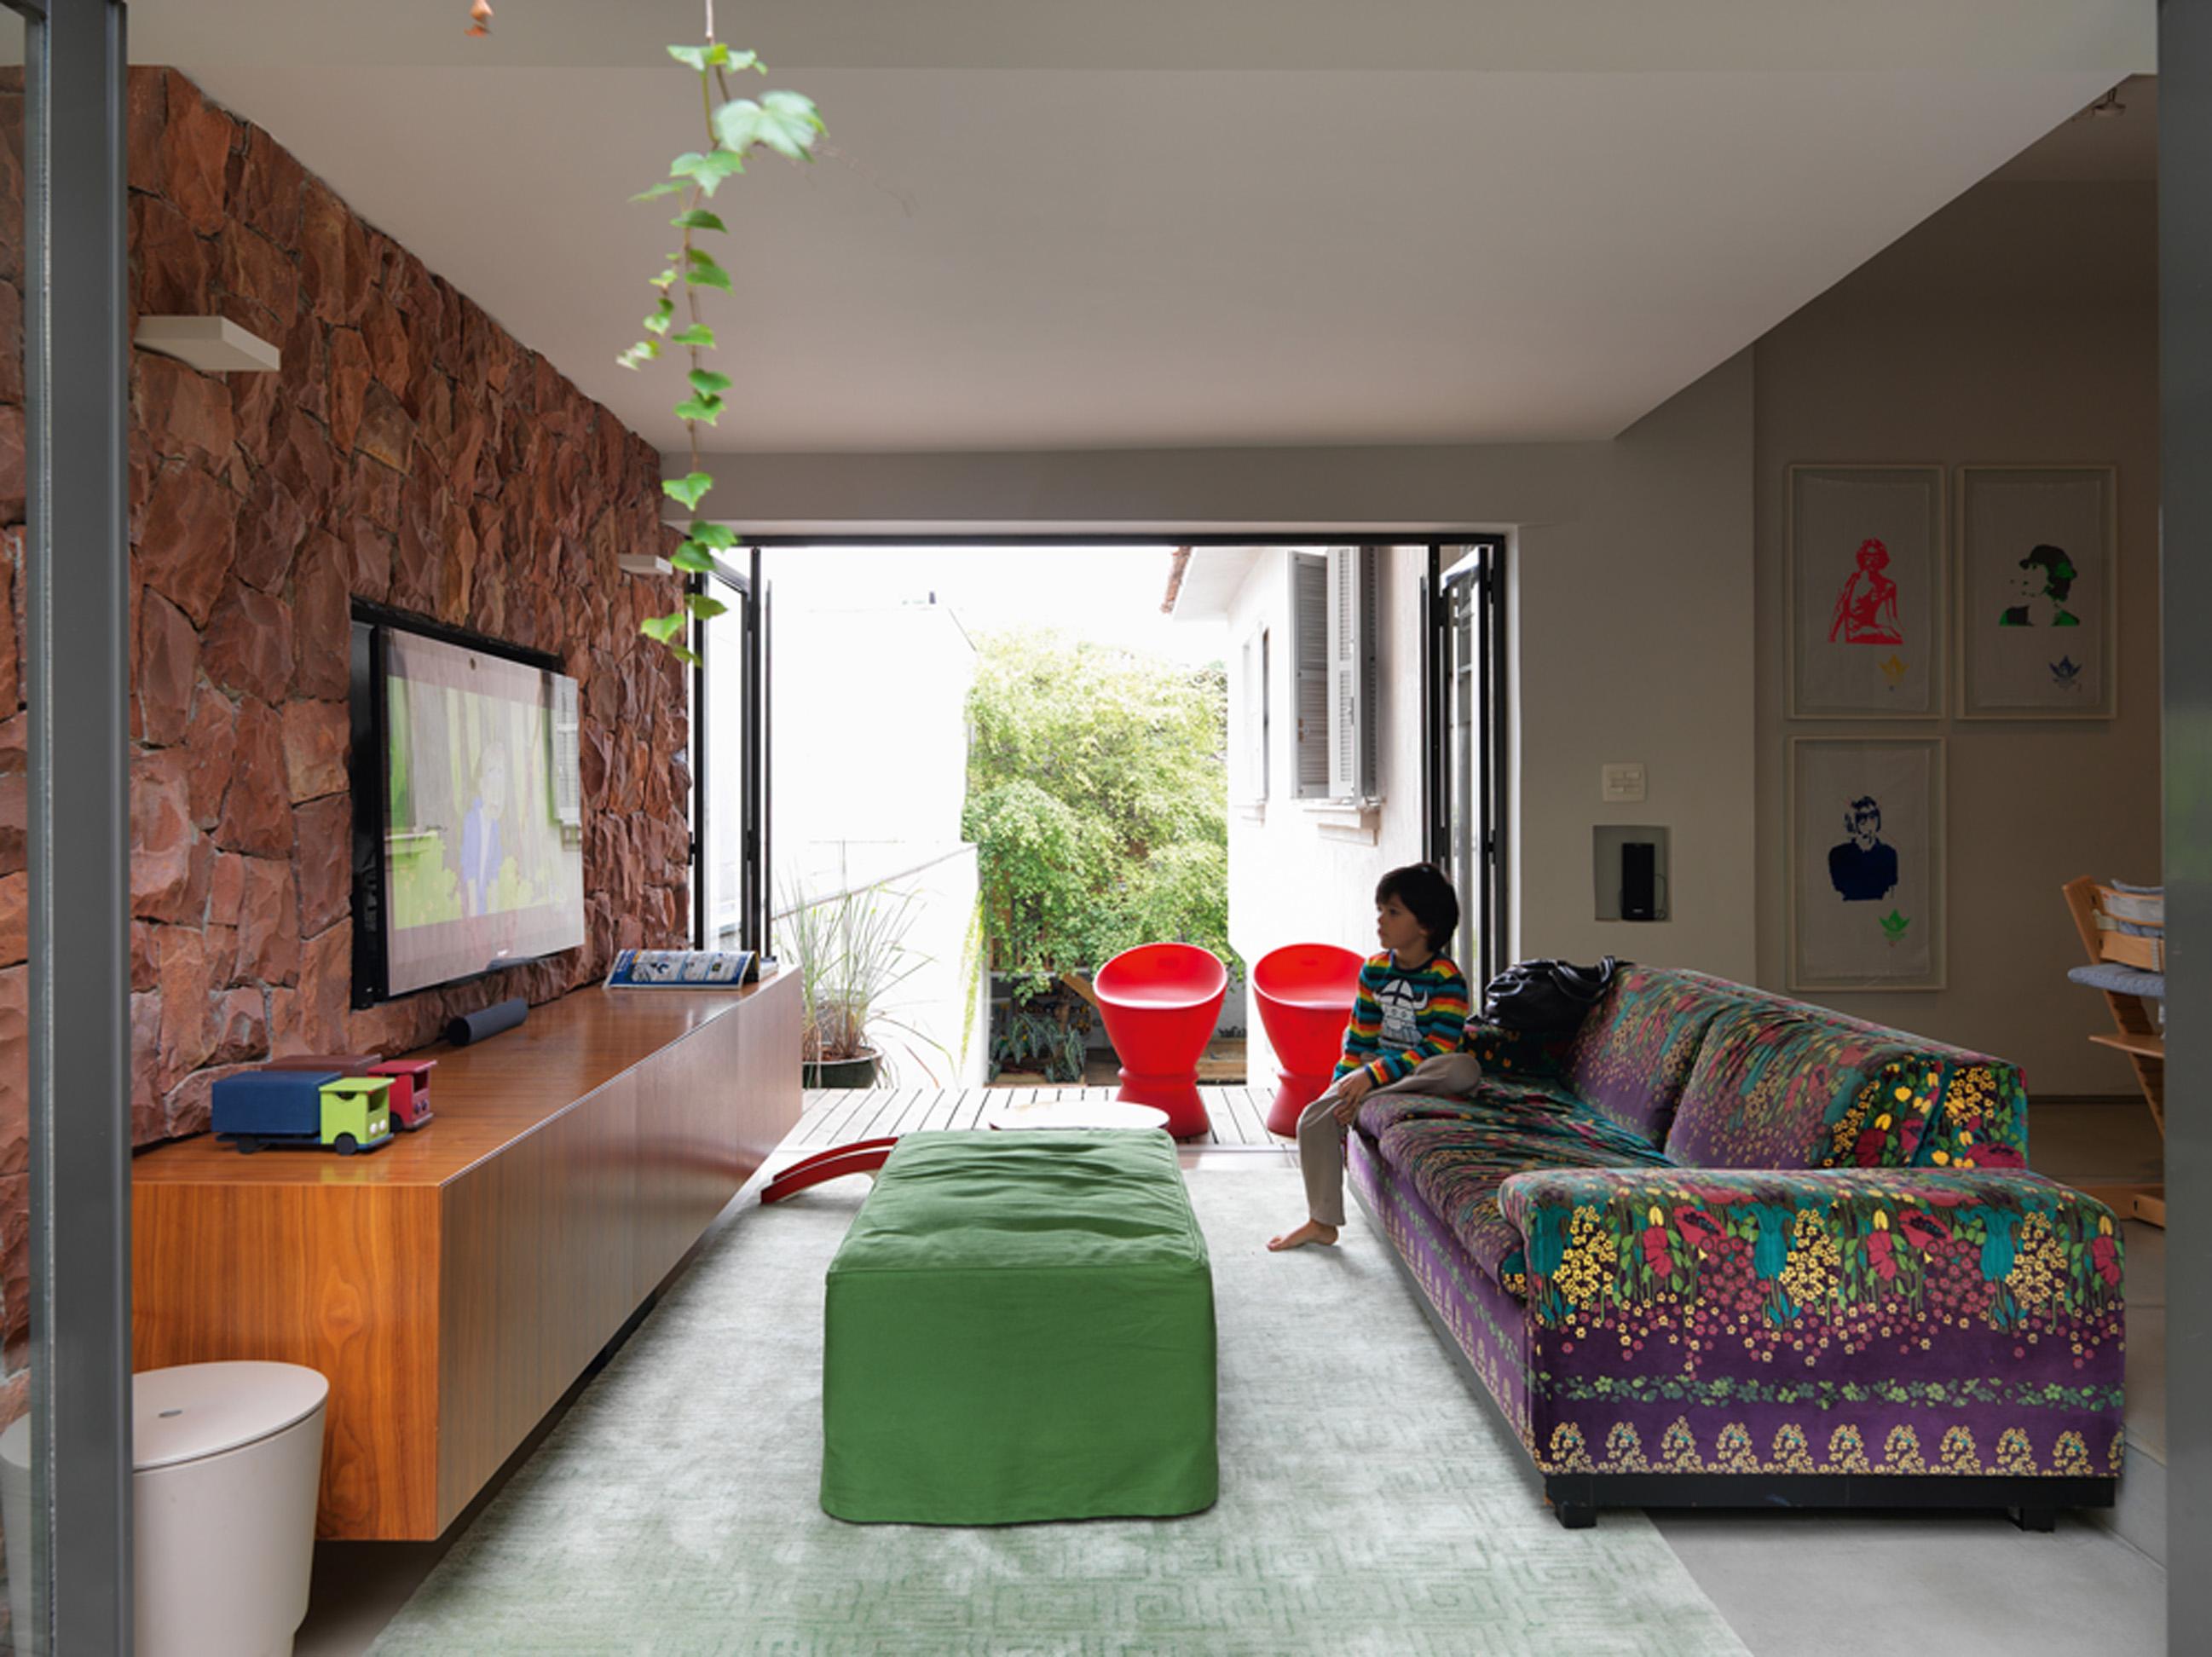 Parede sustentável: A sala tem parede com pedras originais da casa. O sofá com tecido de Adriana Barra é o preferido de Mathias, 5. Nas molduras de acrílico, panos de prato com figuras da moda, da Loja do Bispo